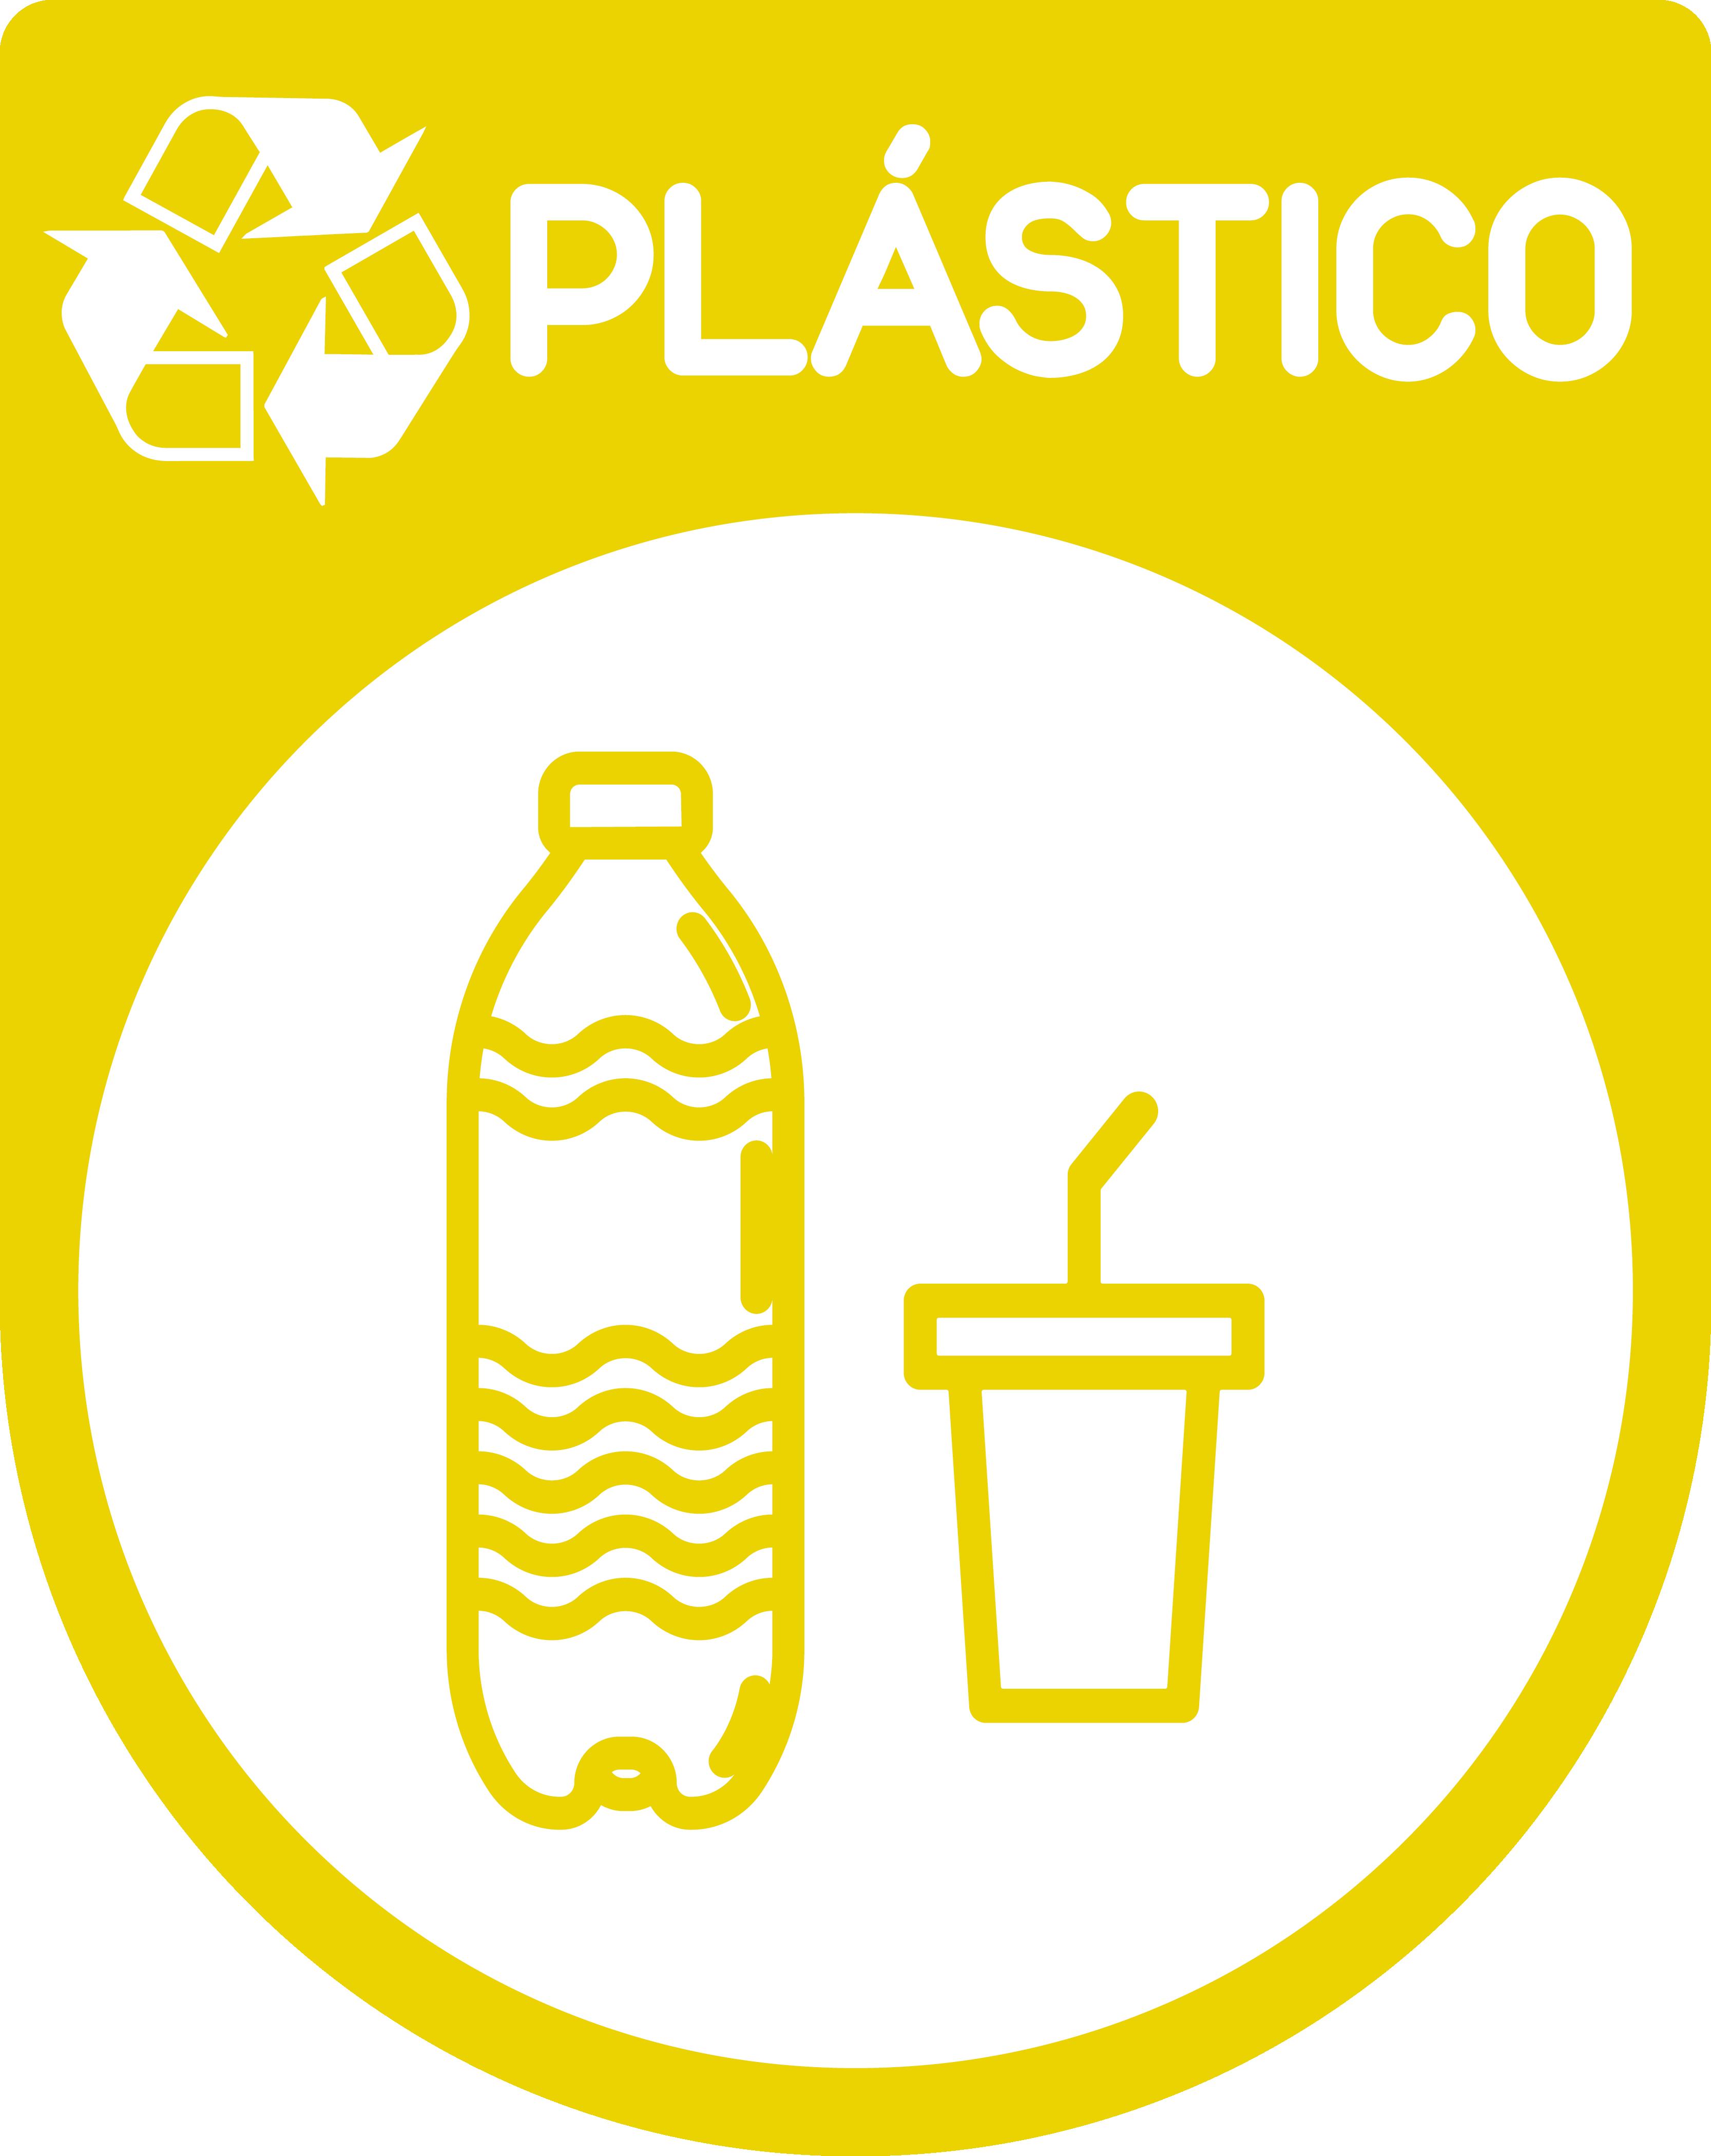 TenStickers. Autocolante para reciclagem plástico. Agora é possível decorar e organizar os seus baldes de lixo com a Tenstickers. Dê uma olhada neste vinil autocolante para reciclagem plástico.